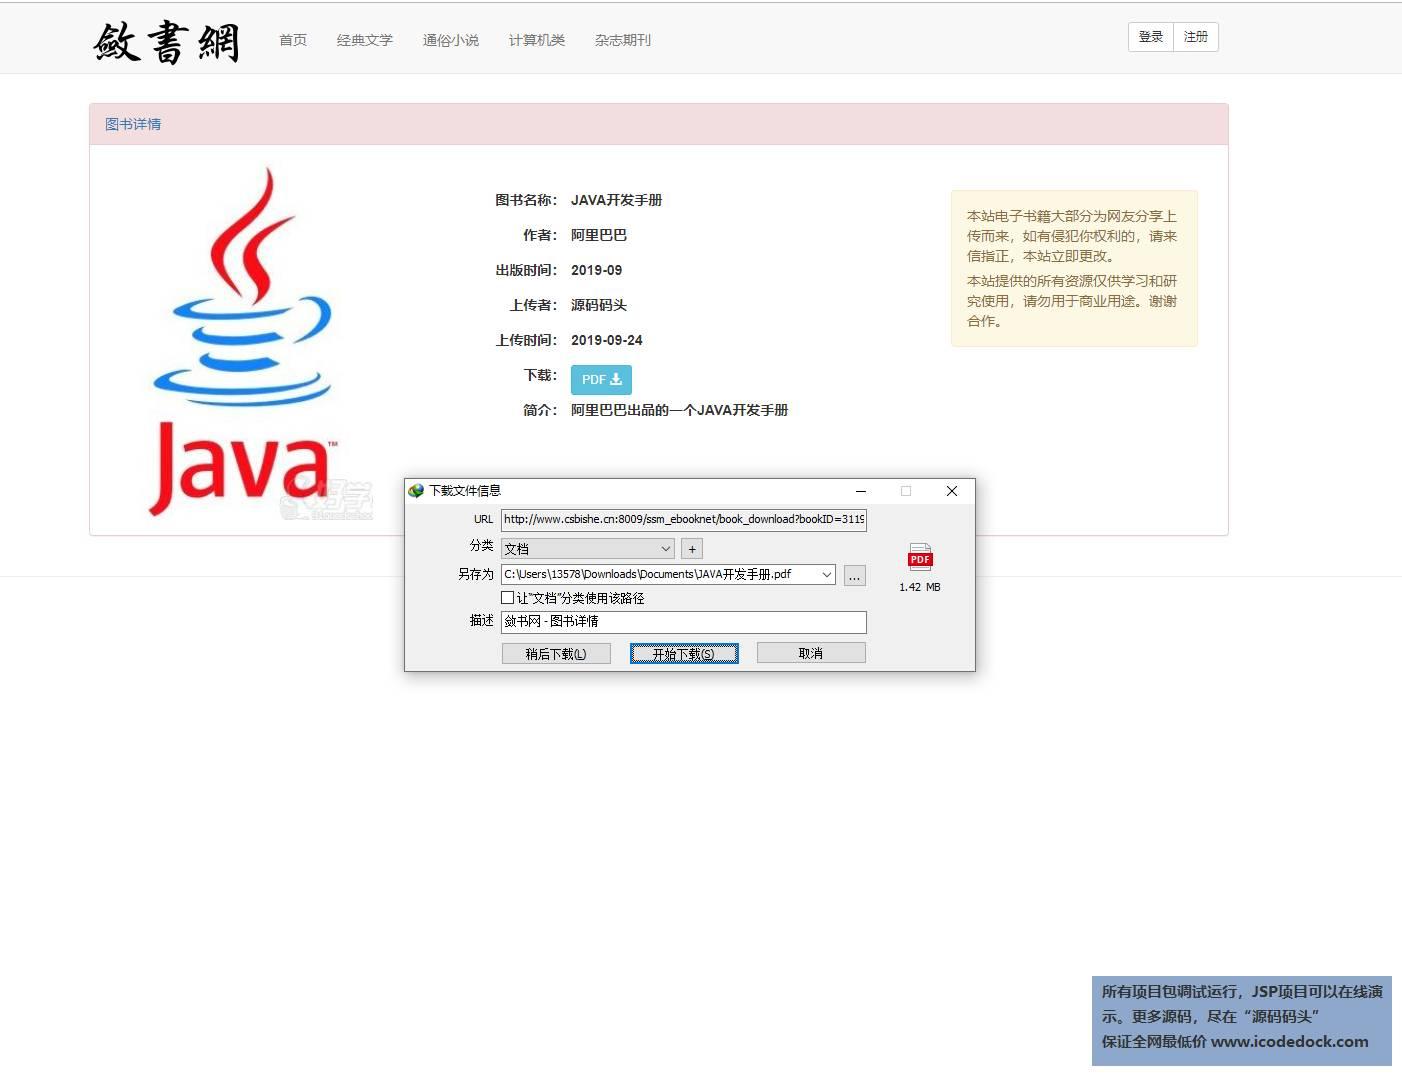 源码码头-SSM电子书网站管理系统-用户角色-下载电子书